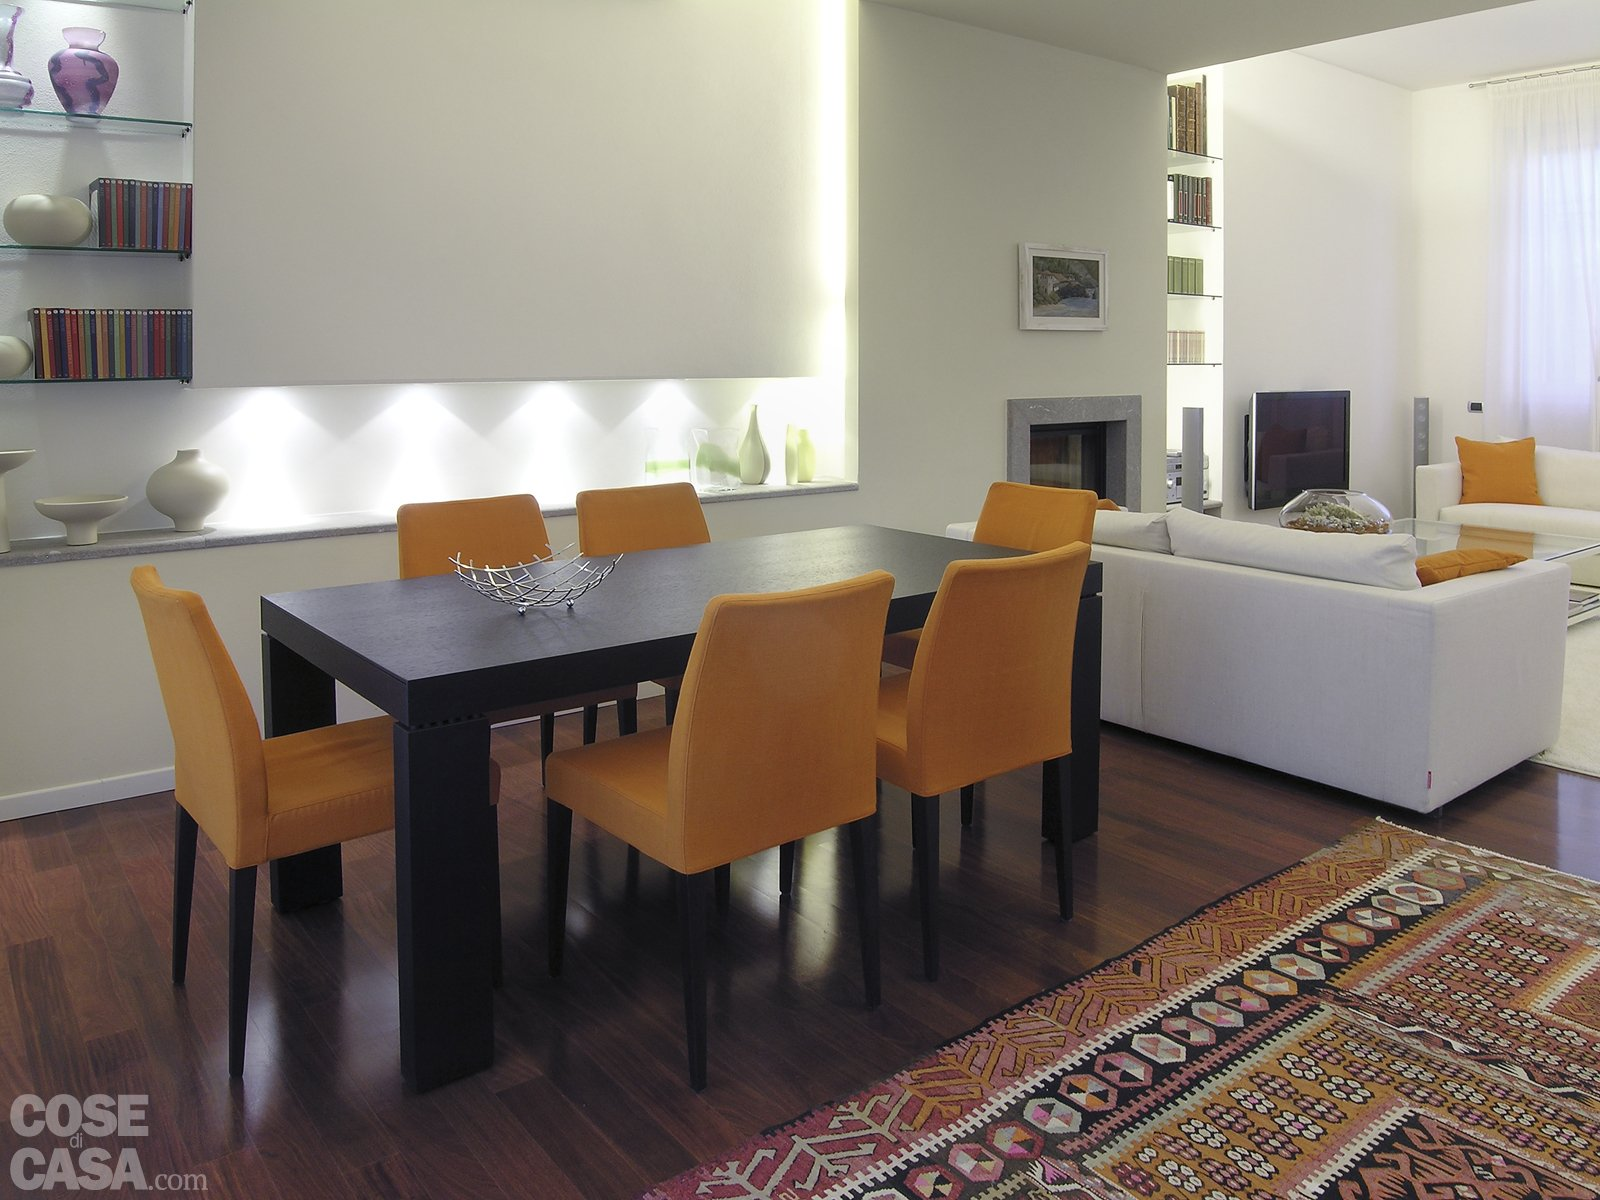 Una casa con tante idee da copiare cose di casa for Case arredate moderne foto